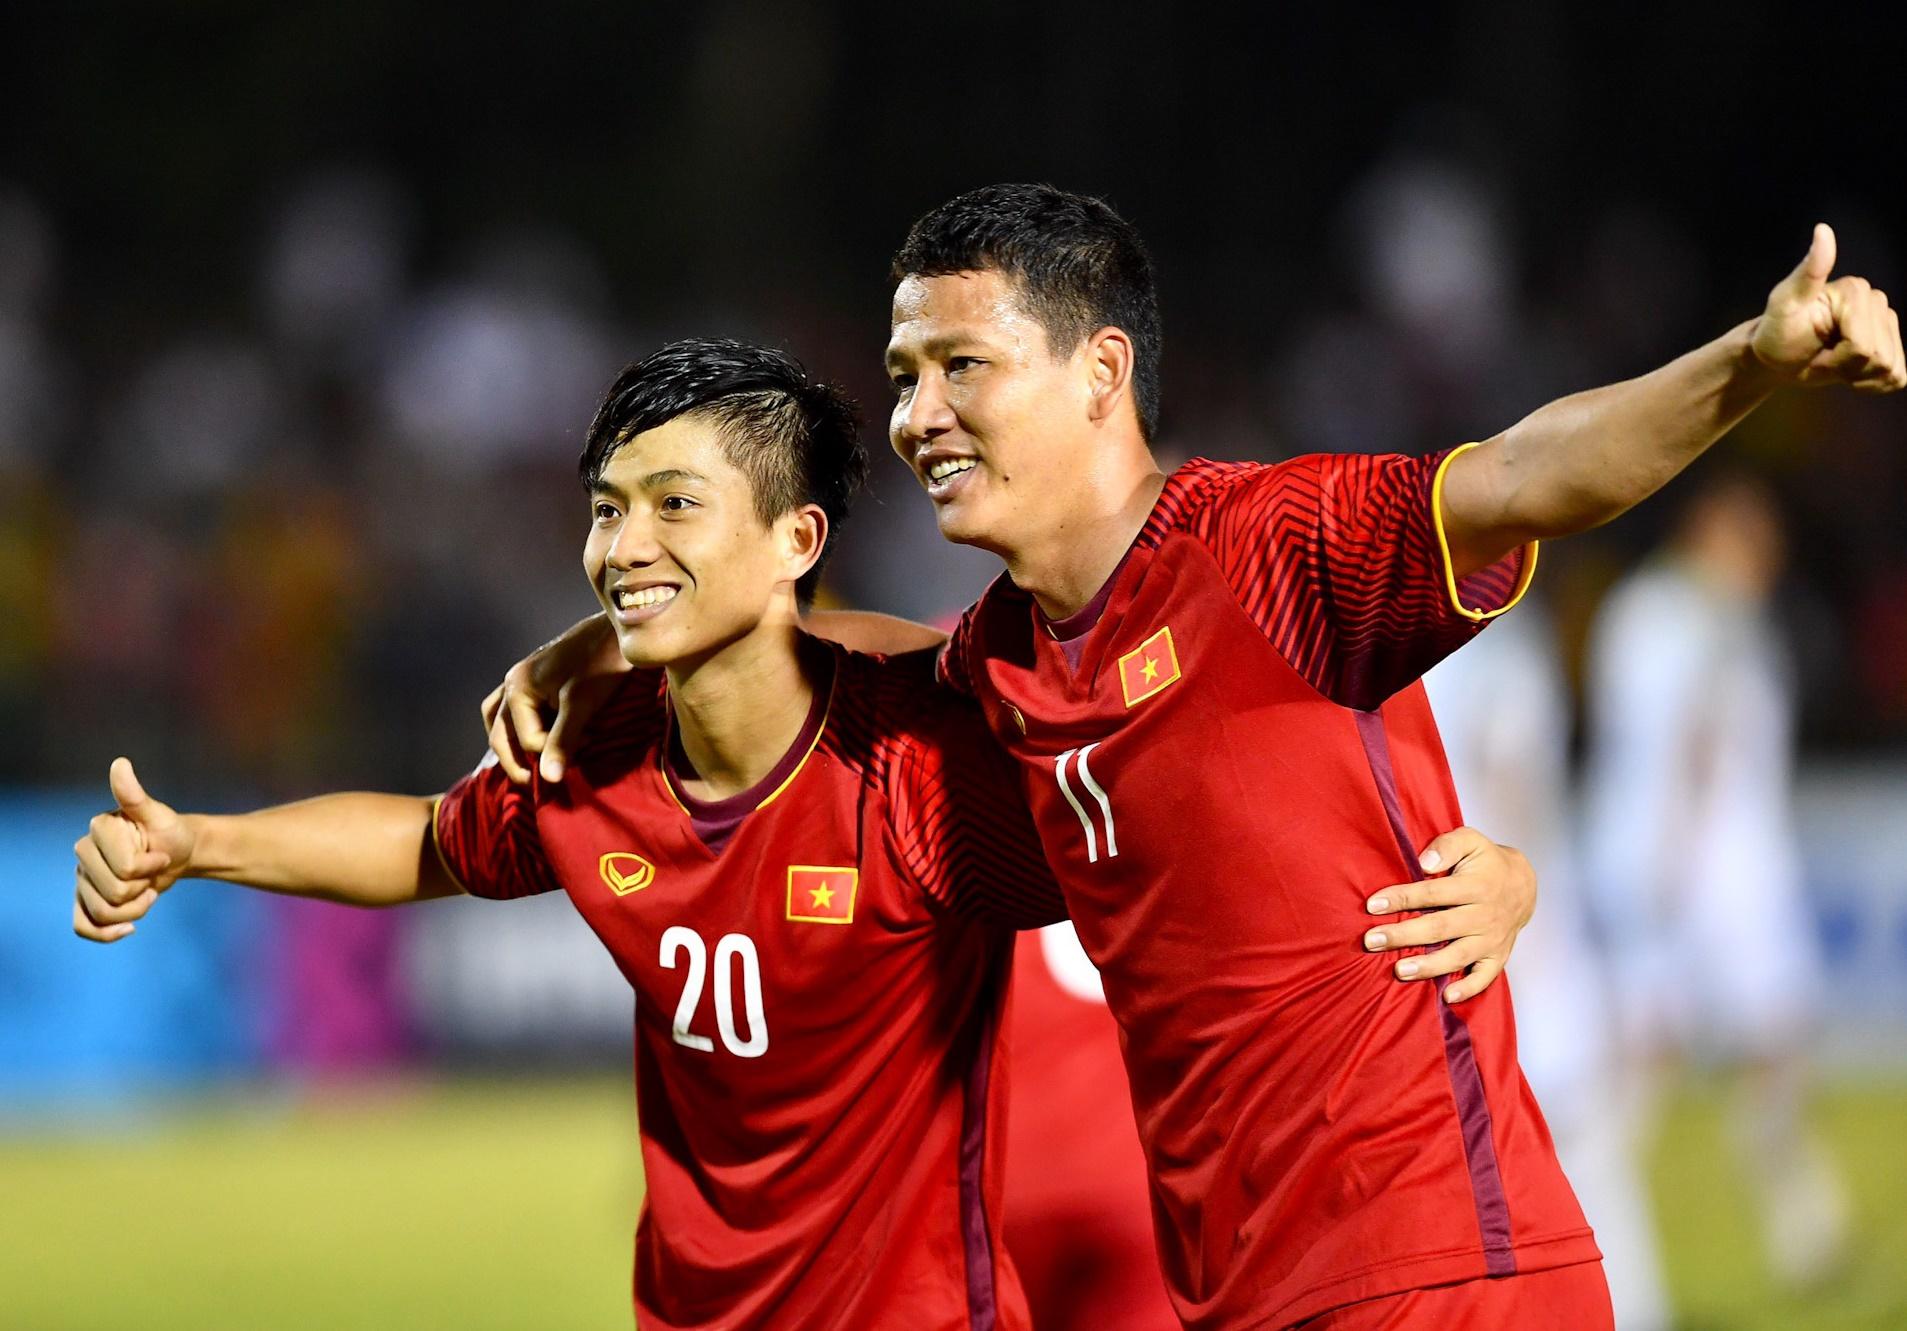 Điểm tin bóng đá Việt Nam tối 18/12: Park Ji Sung chức mừng ĐT Việt Nam và HLV Park Hang-seo - Bóng Đá